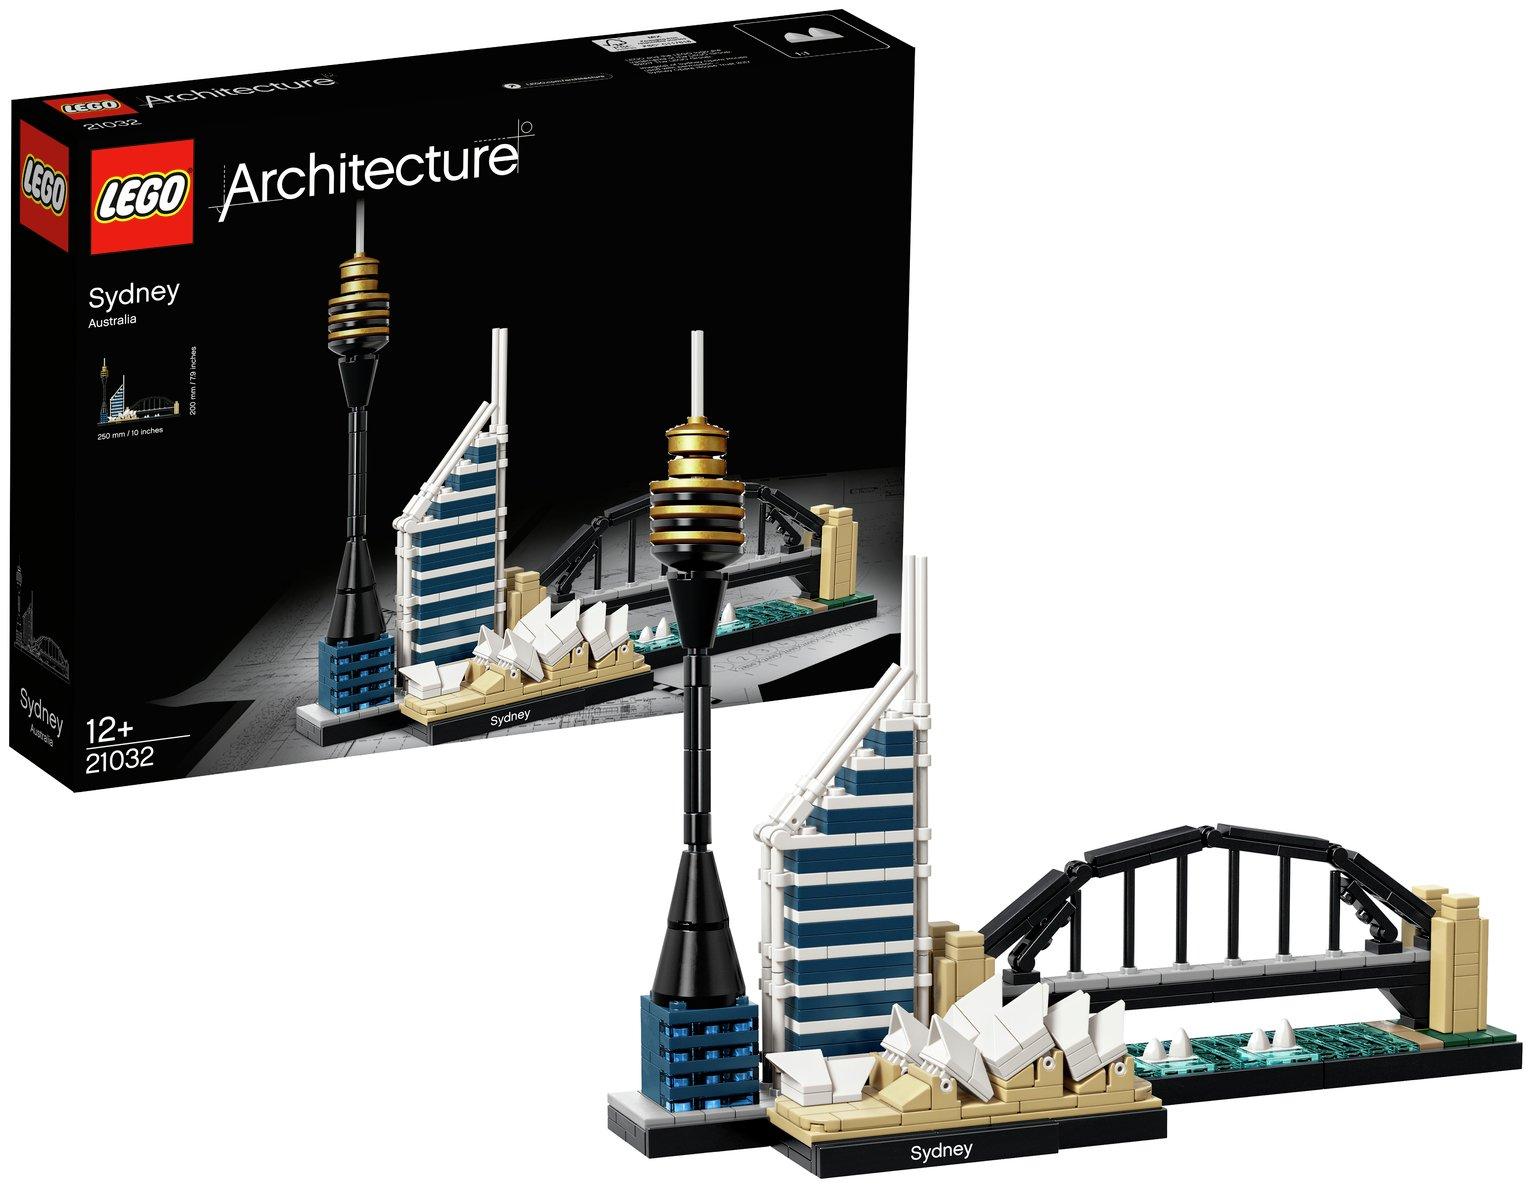 LEGO Architecture Sydney - 21032.